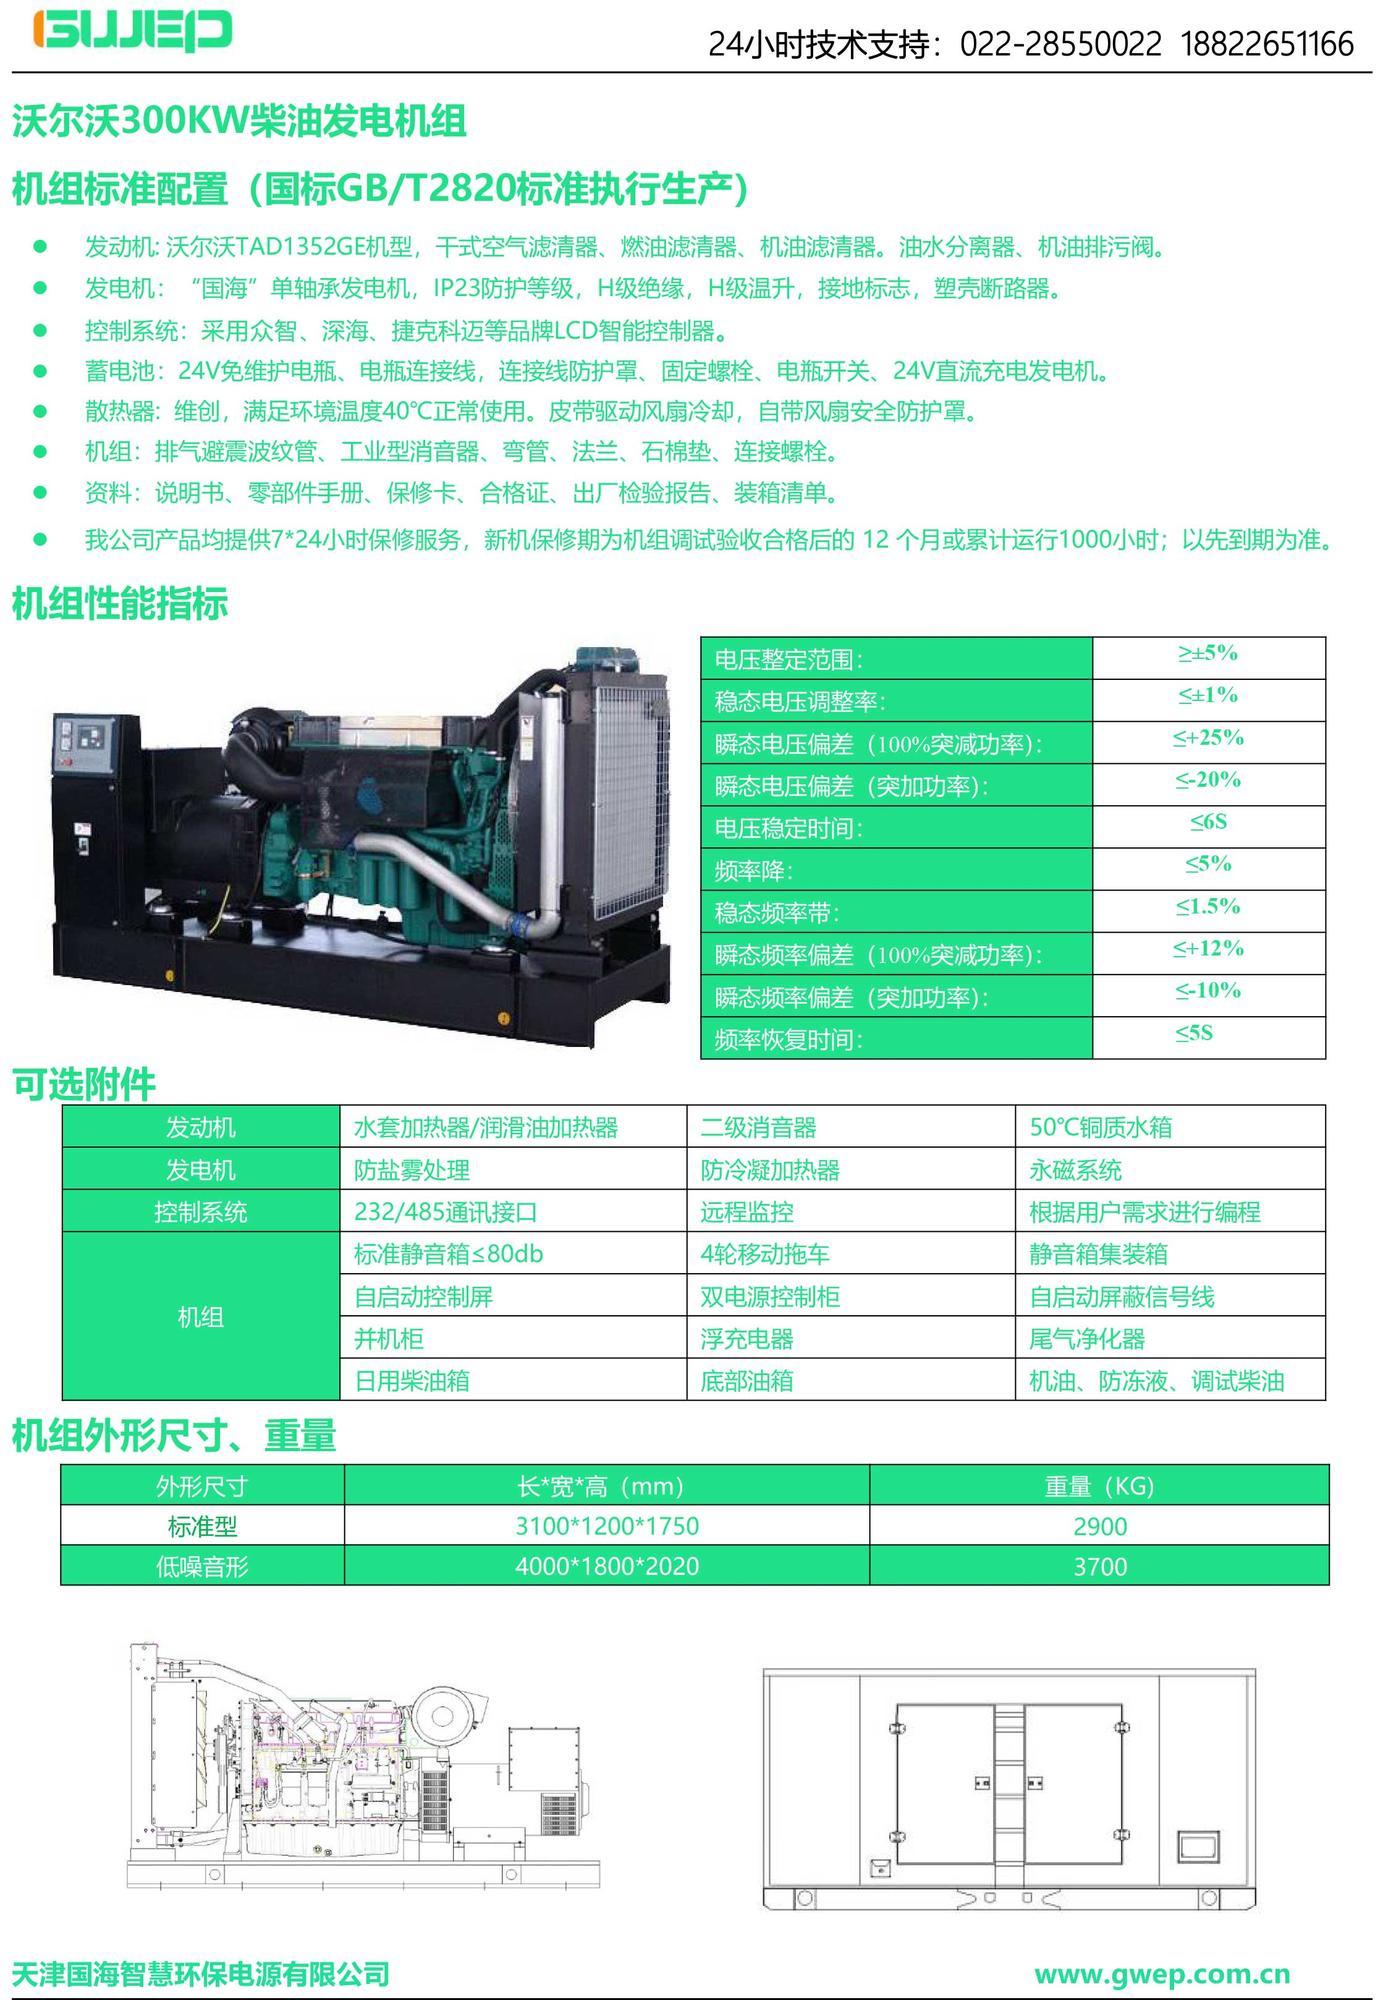 沃尔沃300KW发电机组技术资料-1.jpg